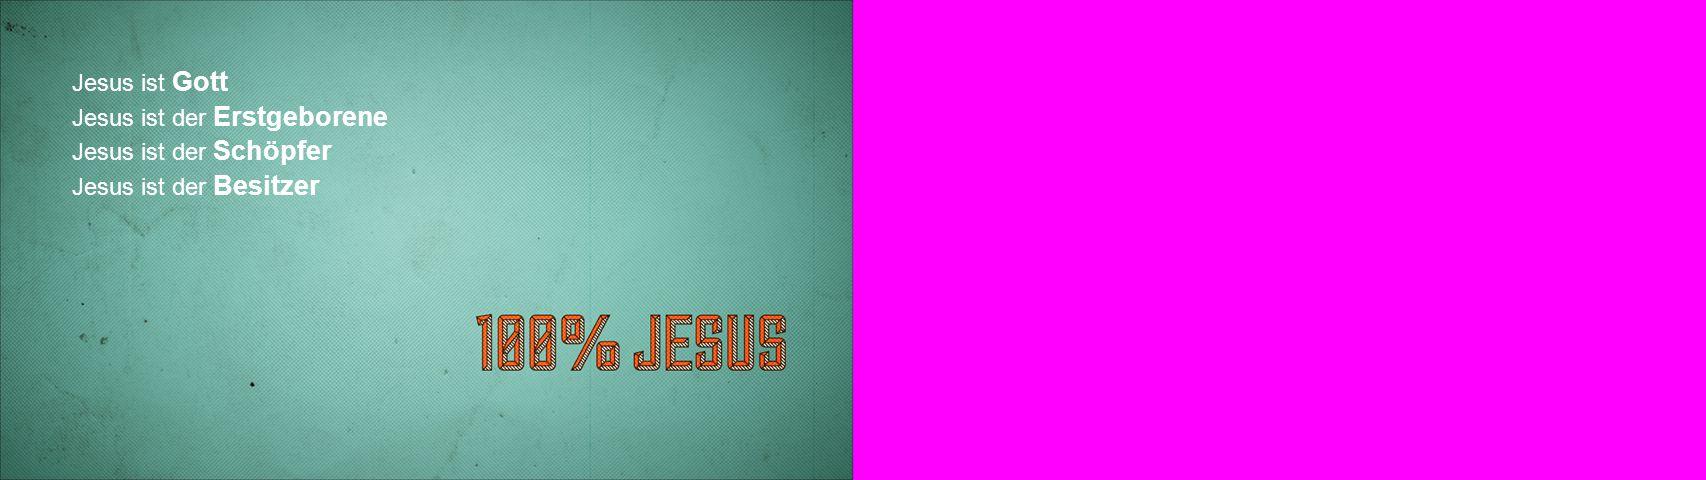 Jesus ist Gott Jesus ist der Erstgeborene Jesus ist der Schöpfer Jesus ist der Besitzer